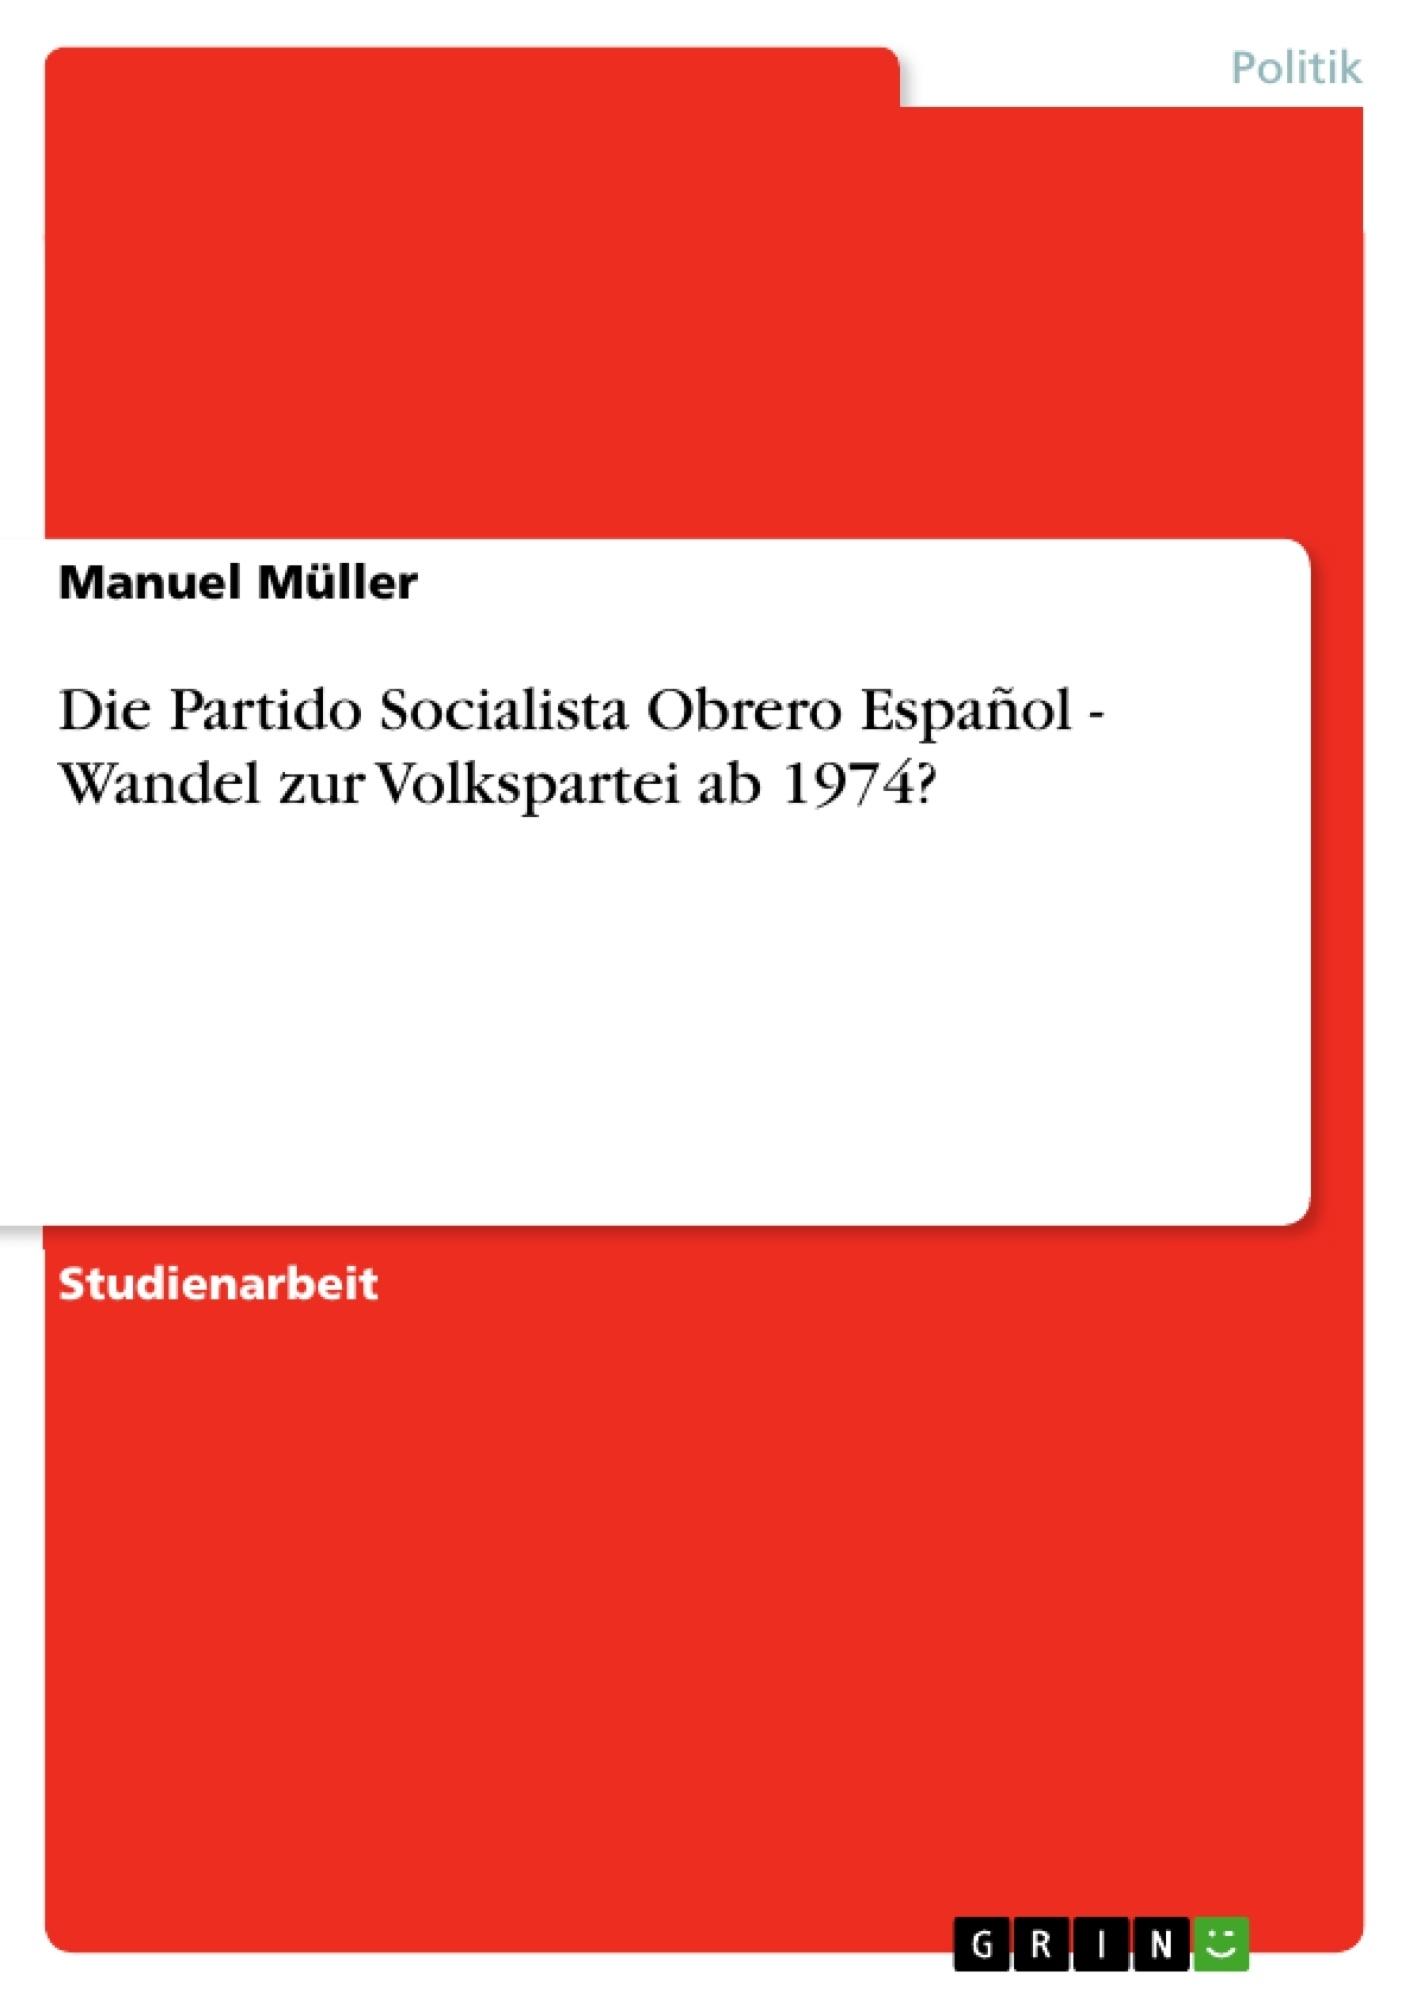 Titel: Die Partido Socialista Obrero Español - Wandel zur Volkspartei ab 1974?